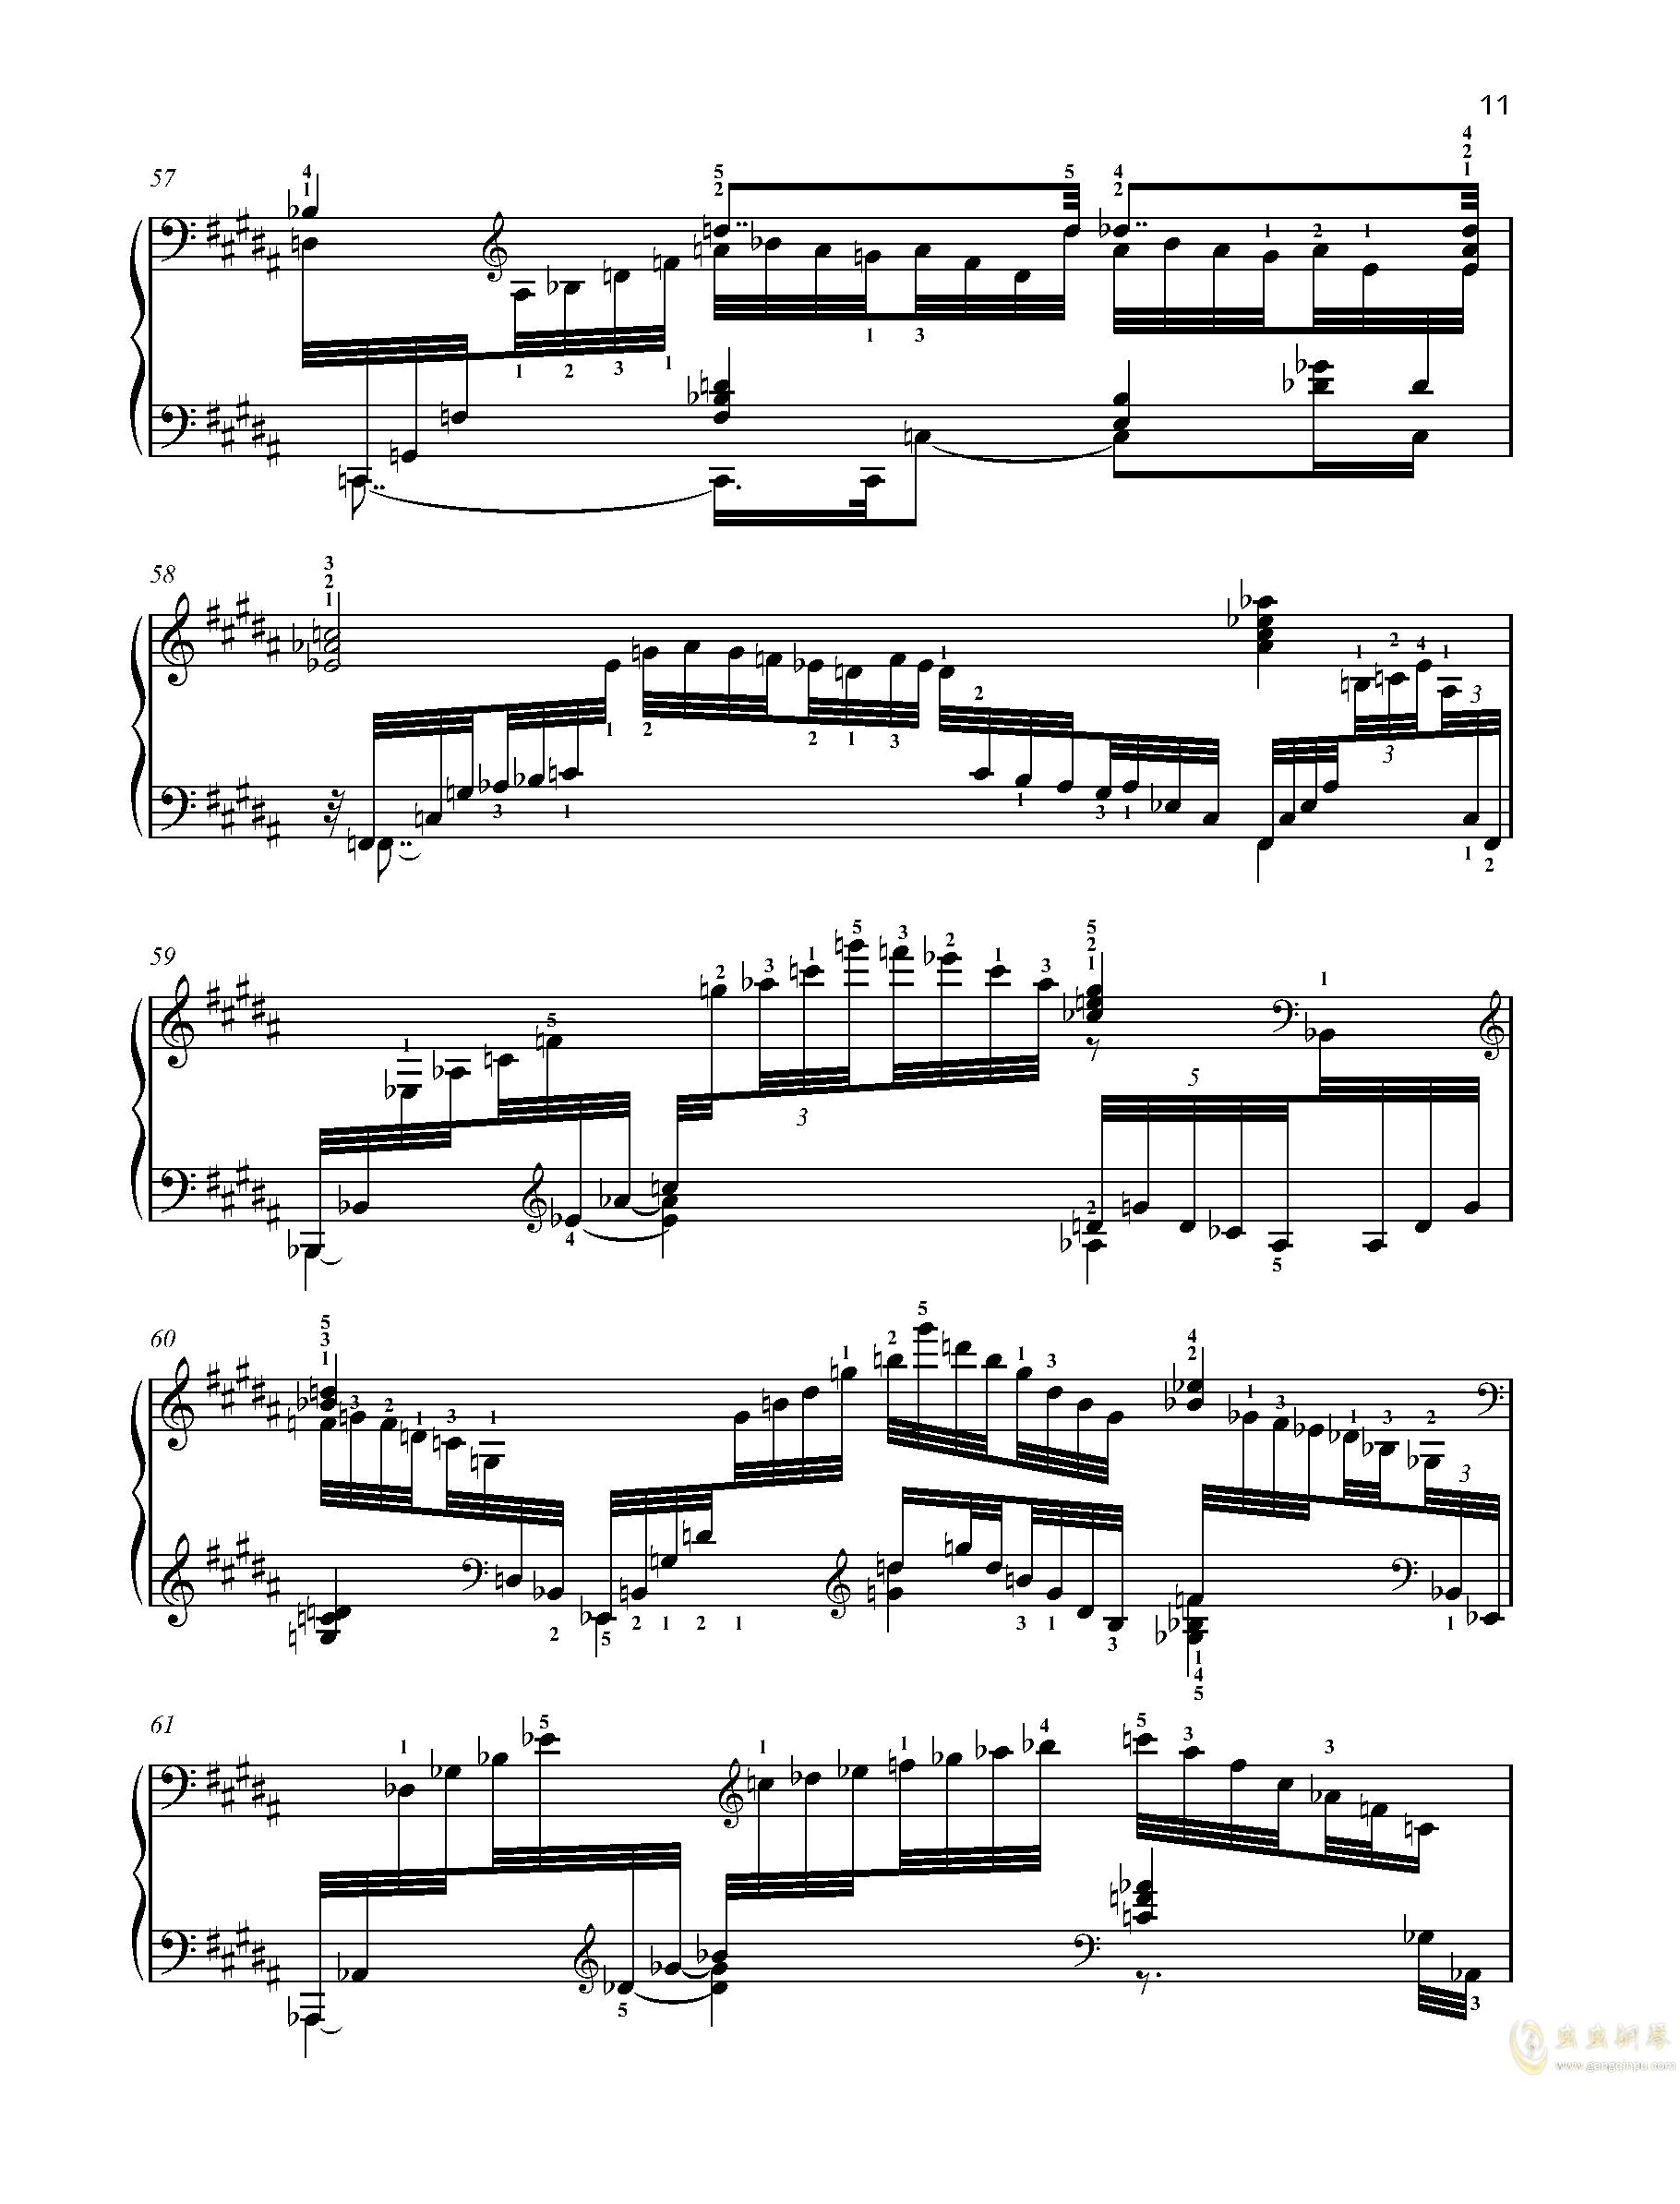 【爵士】【带指法】尼古拉斯凯帕斯汀 八首音乐会练习曲  Eight Concert 澳门星际官网 第11页